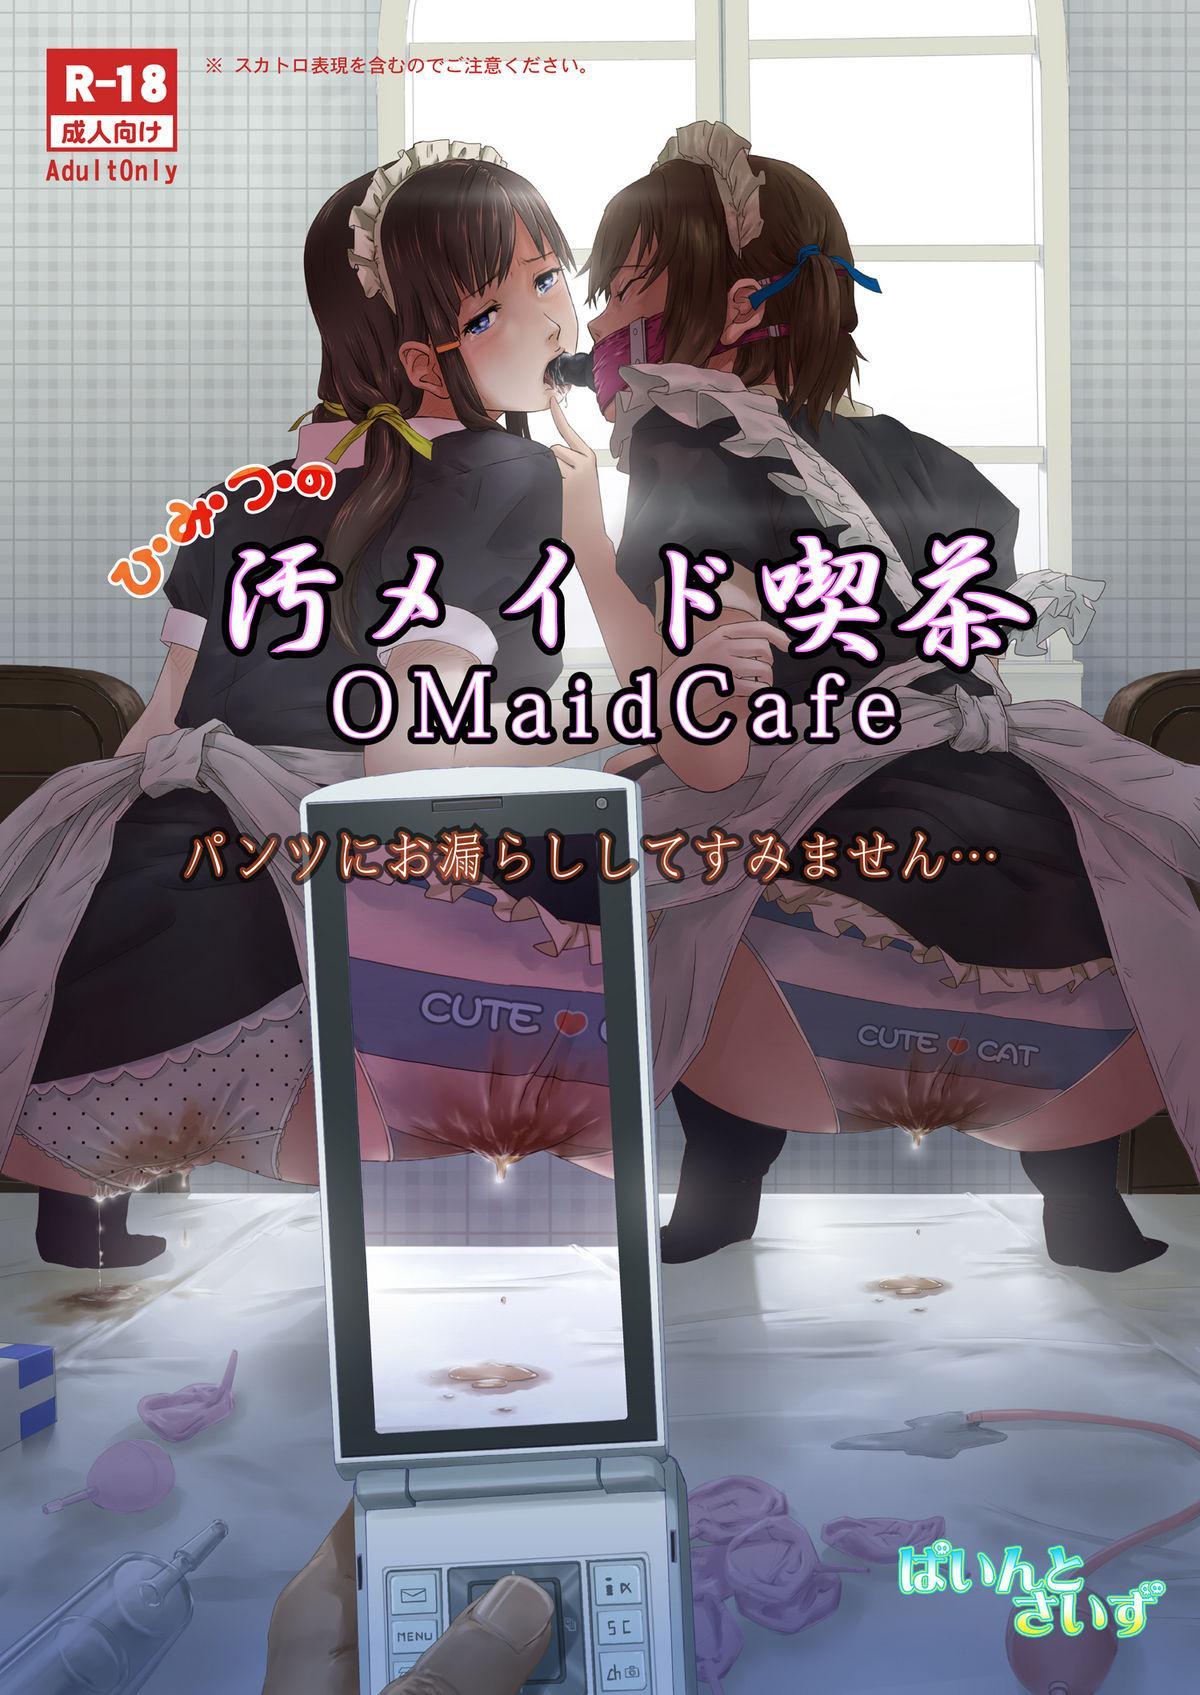 Himitsu no OMaid Cafe - Pantsu ni Omorashi Shite Sumimasen... 0